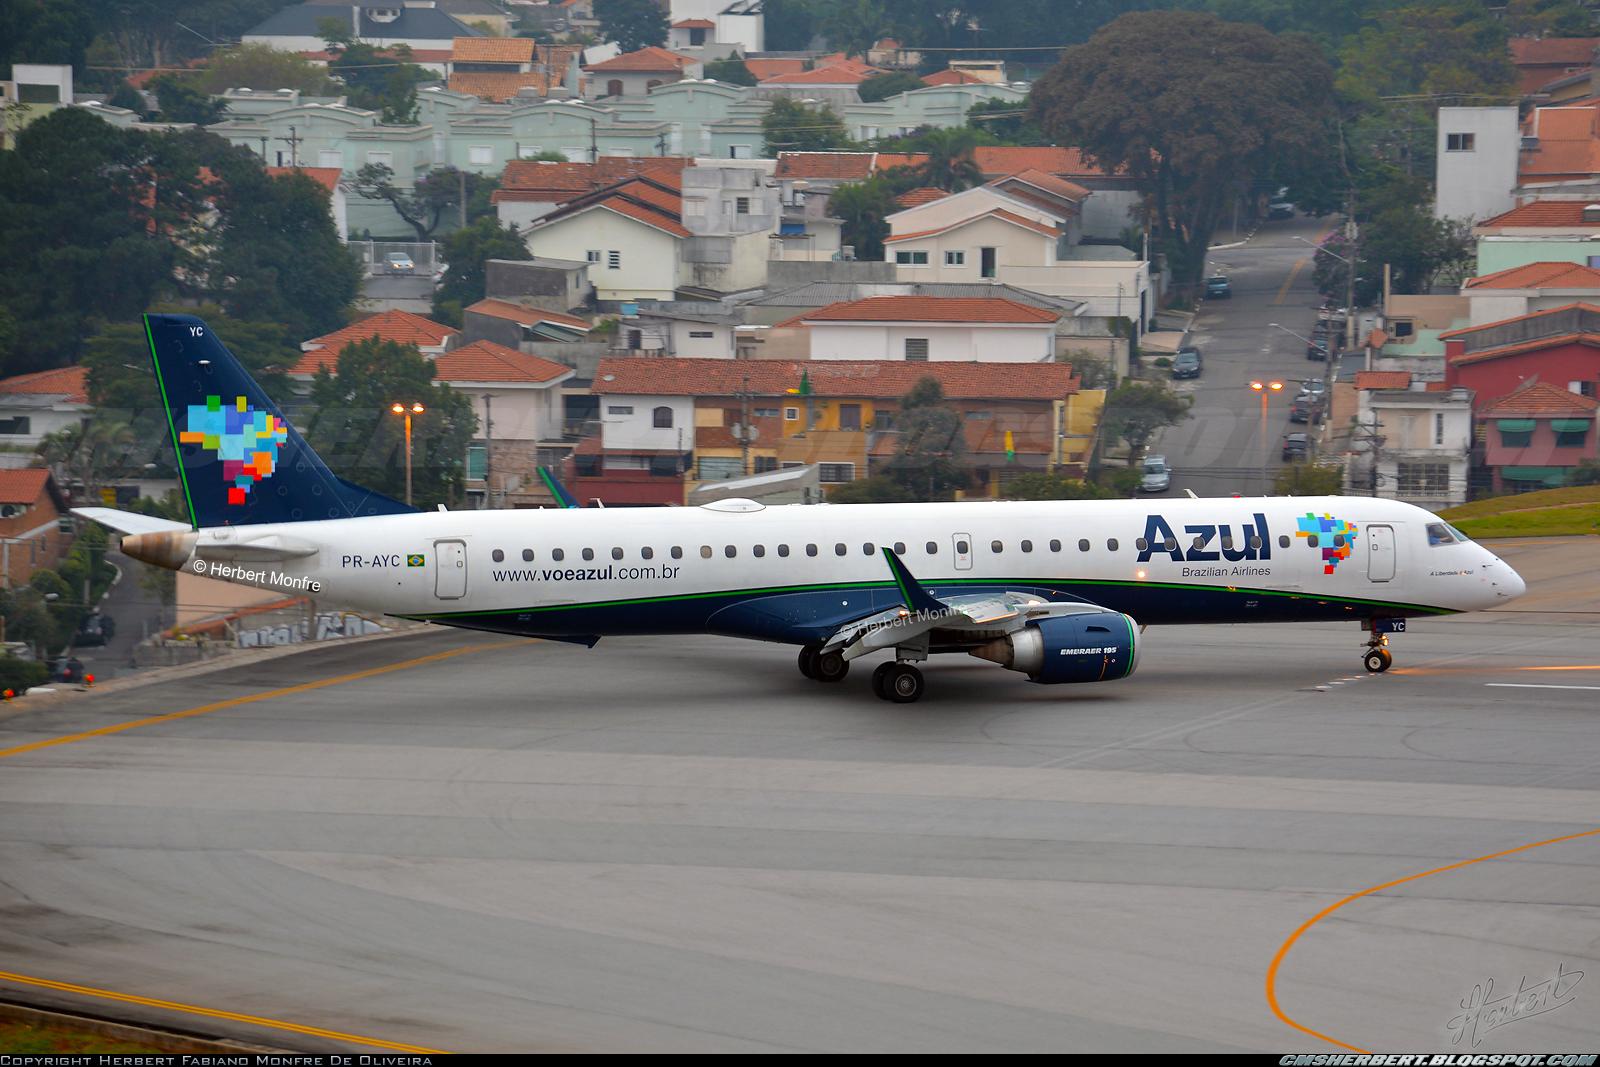 É MAIS QUE VOAR | Azul completa um ano em Congonhas com cerca de 400 mil passageiros transportados